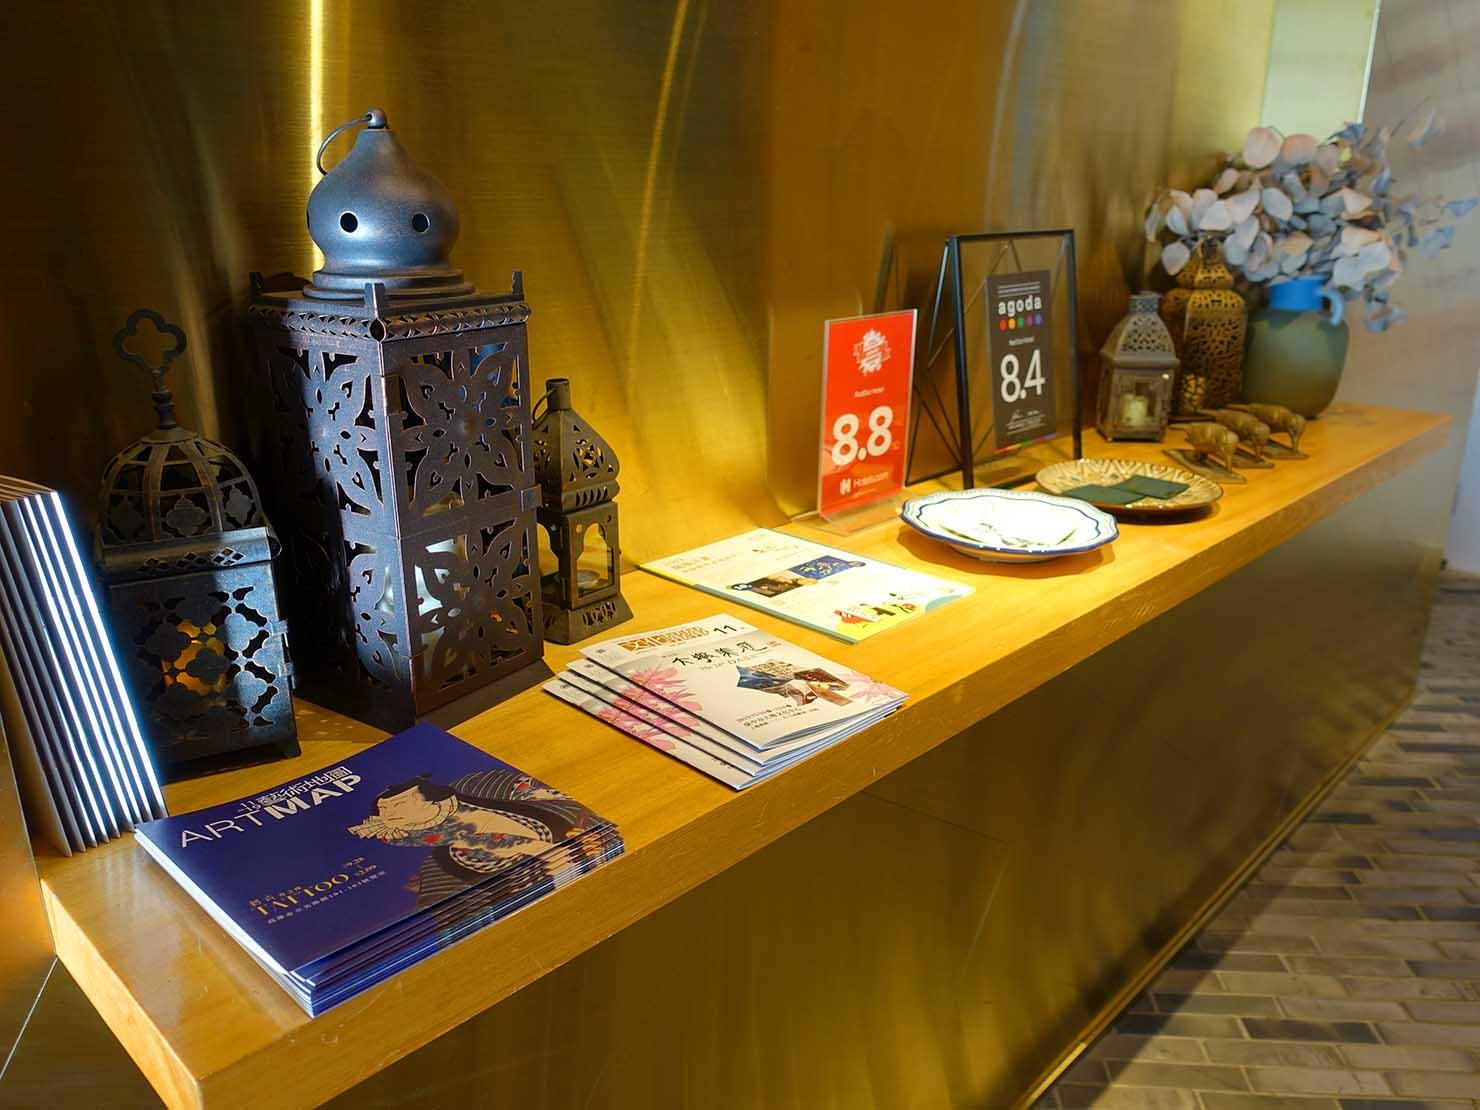 台中駅前のおすすめデザインホテル「紅點文旅 RedDot Hotel」ロビーに置かれた観光パンフレット